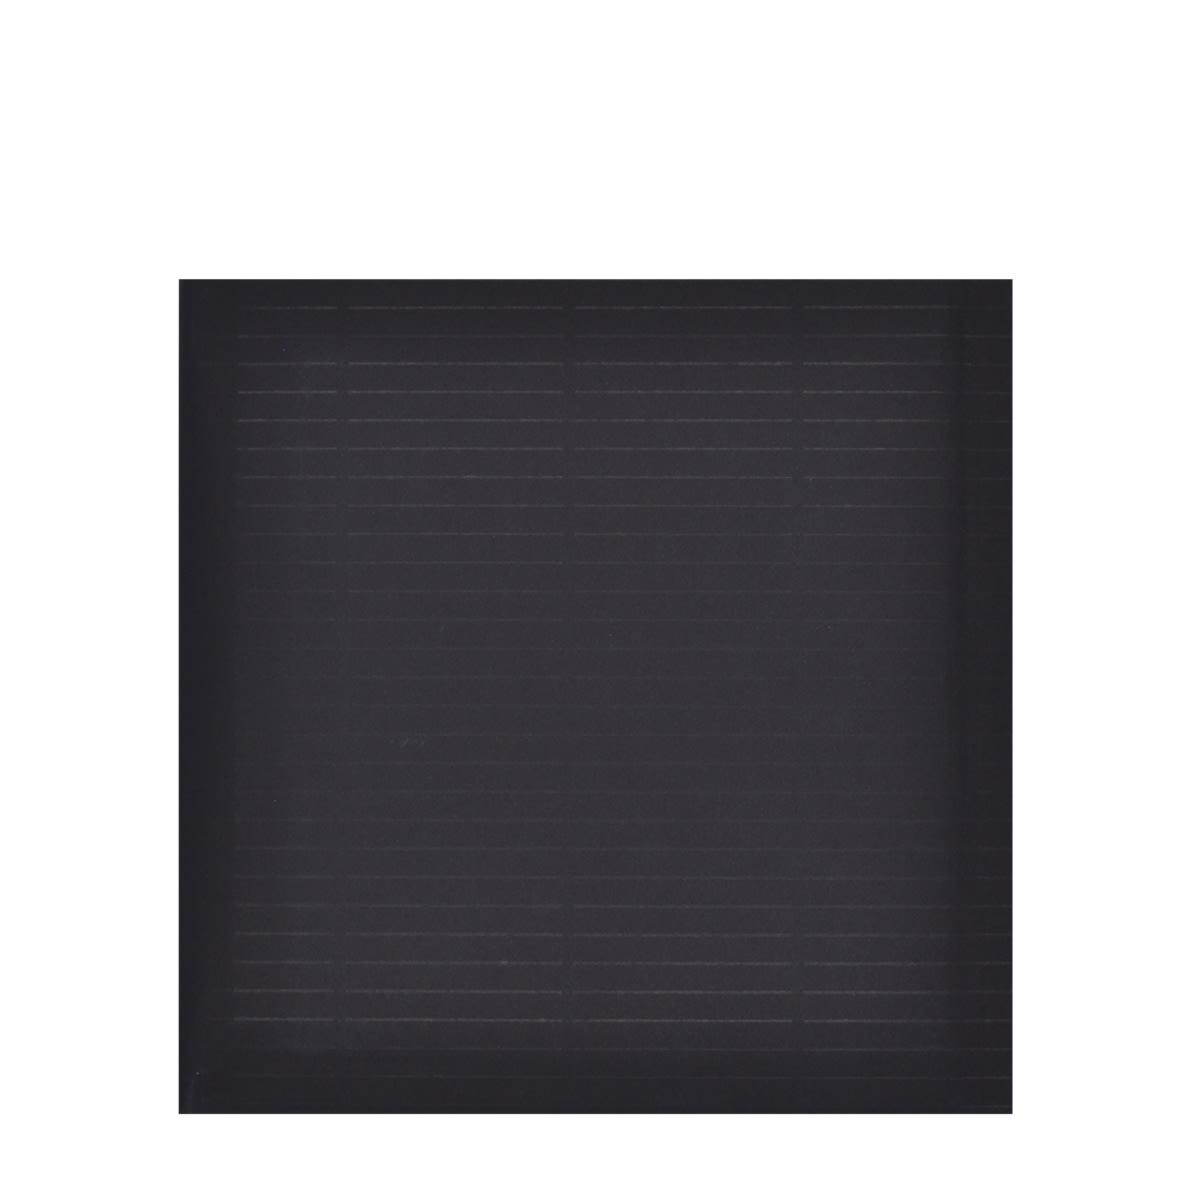 180 x 165mm BLACK PAPER PADDED ENVELOPES